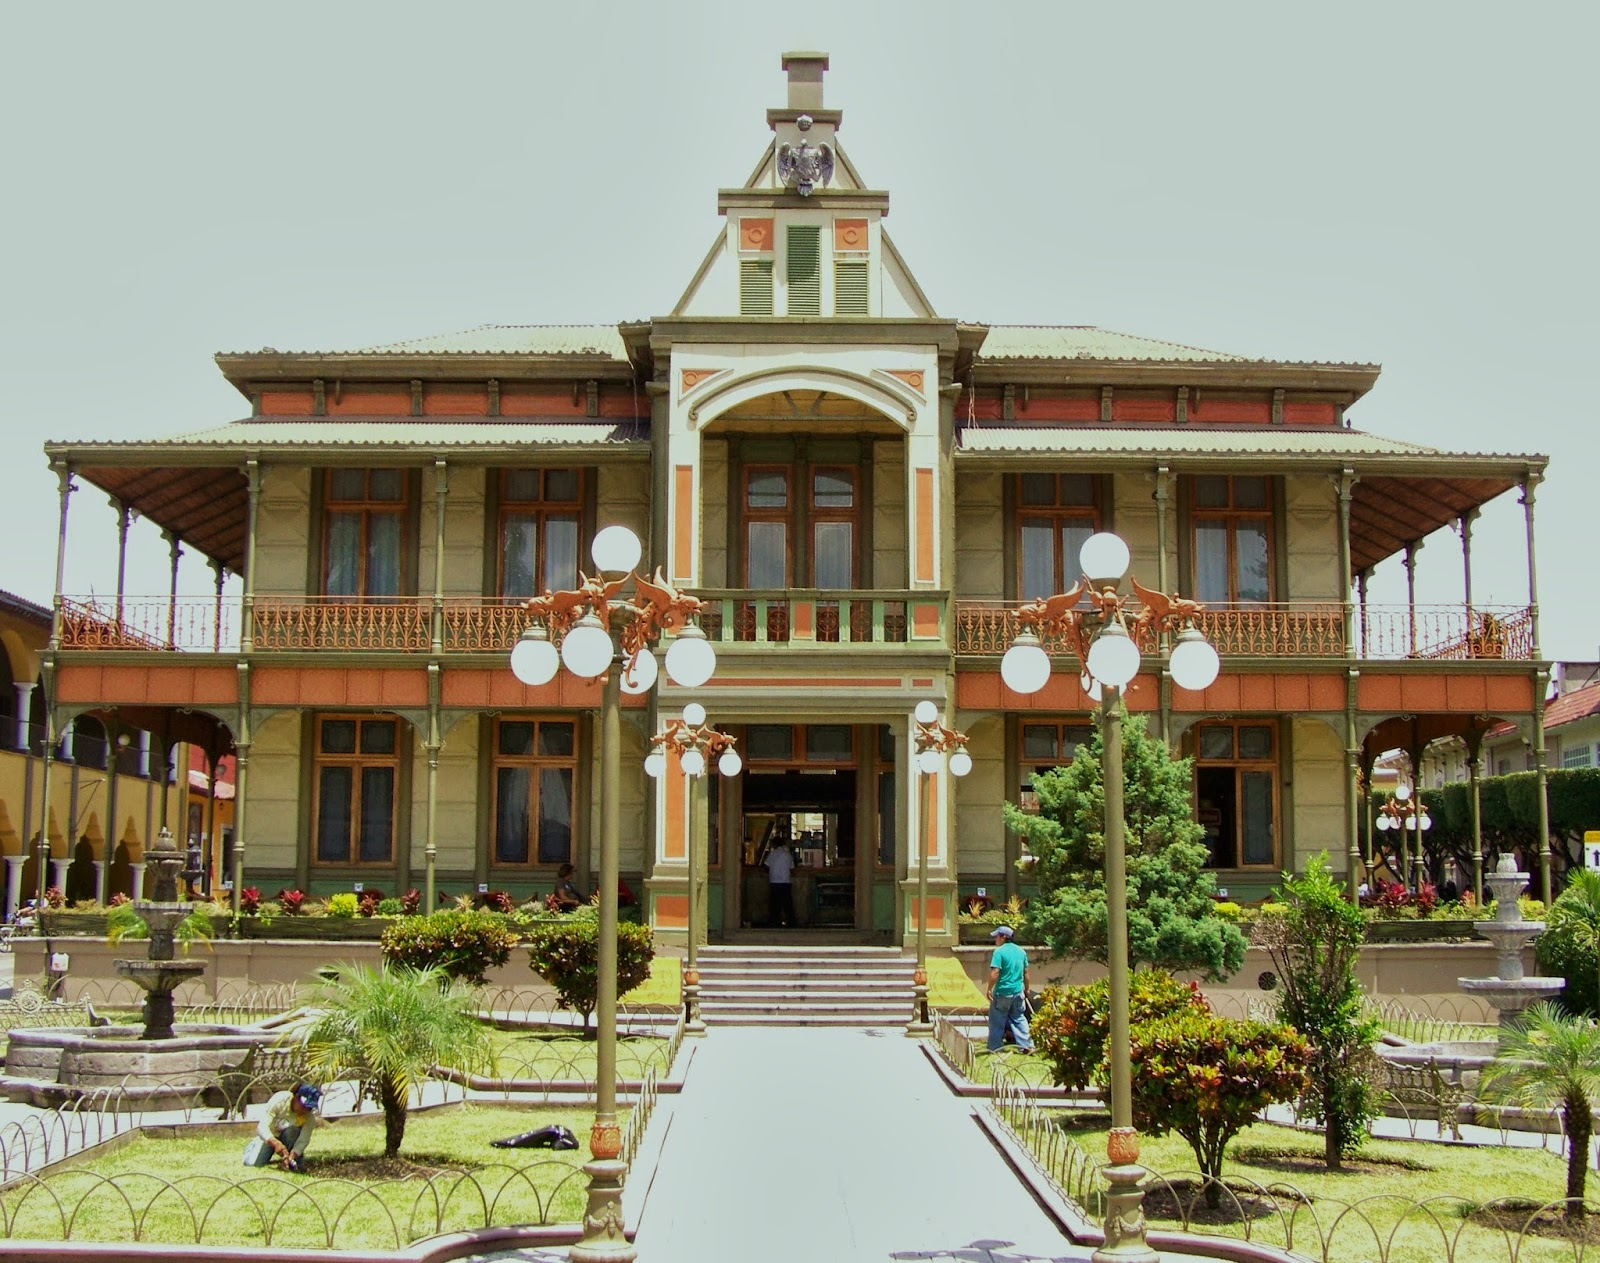 Vista de la fachada del Palacio de Hierro de Orizaba